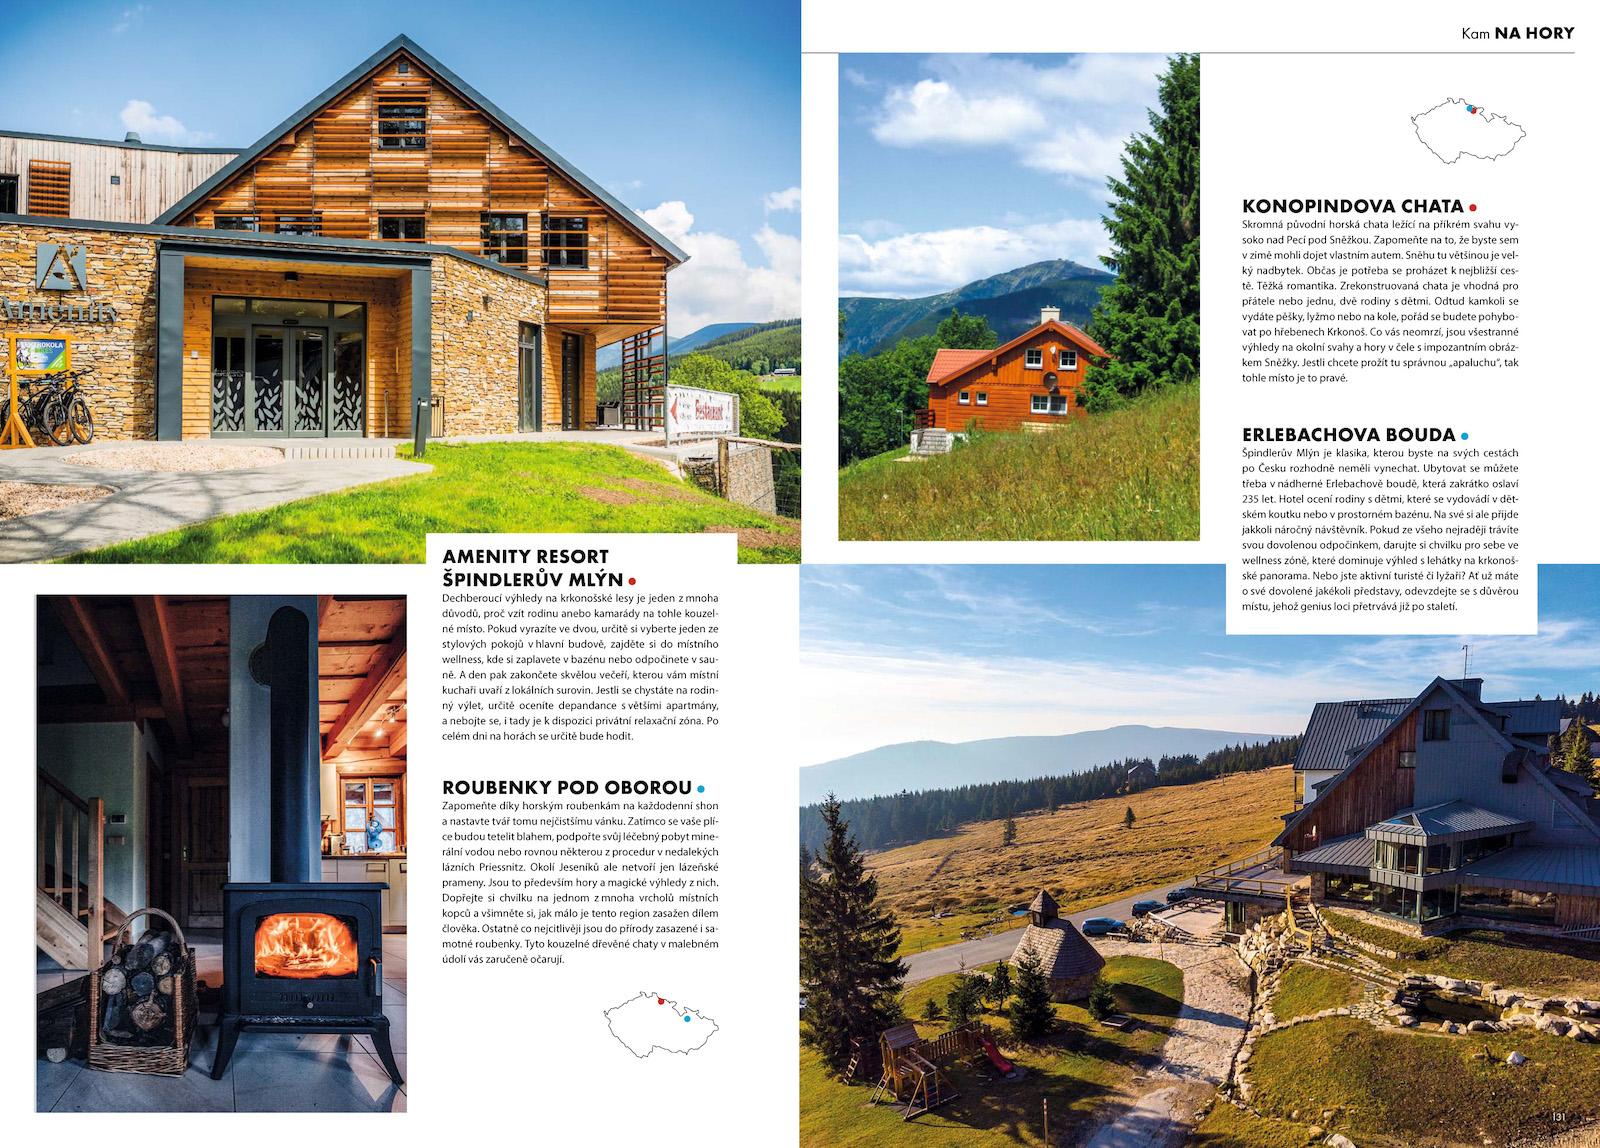 Ukázka z časopisu Amazing Places z edice Premium Guide